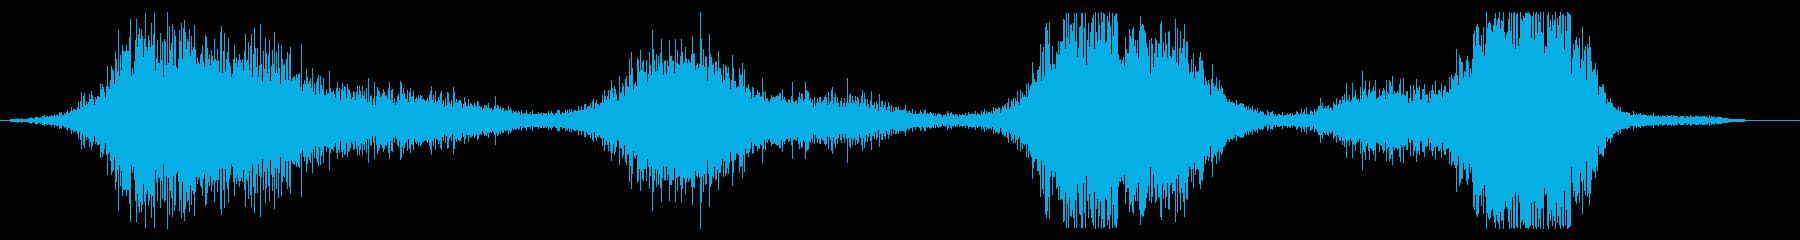 長いうなり音または回転するヒューという音の再生済みの波形